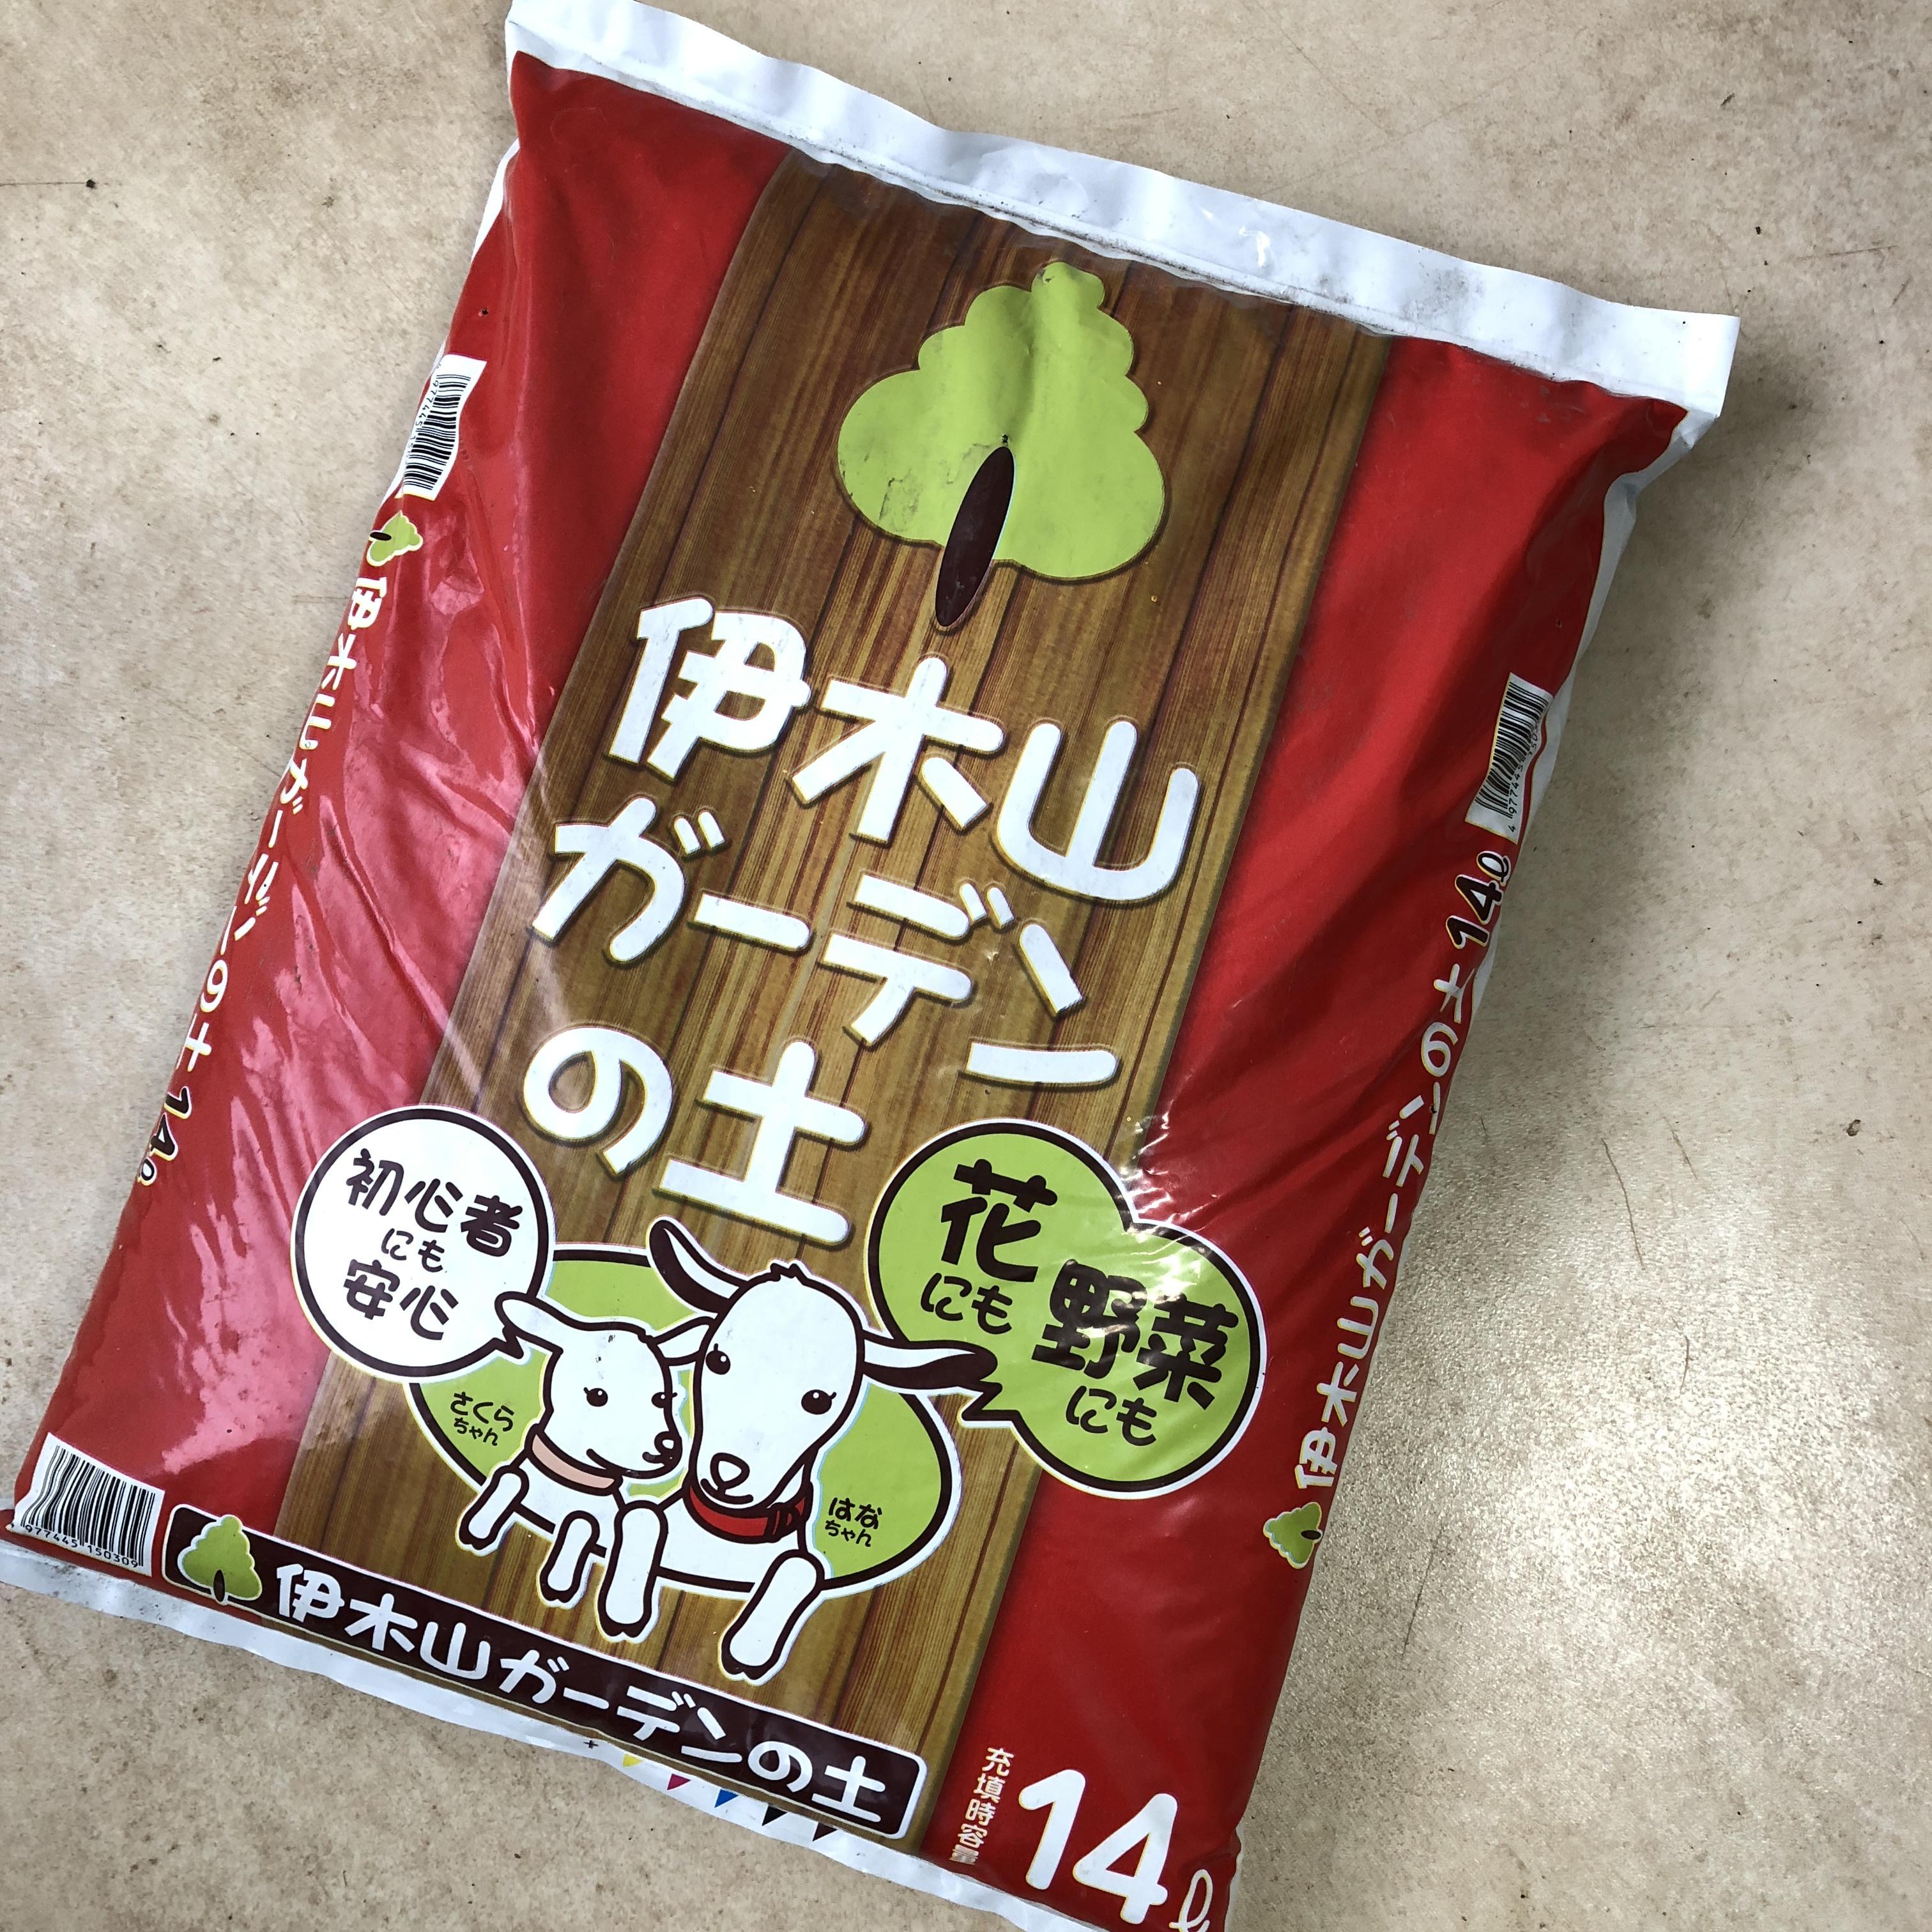 初心者向け安心な培養土【伊木山ガーデンの土】14ℓ - 画像1